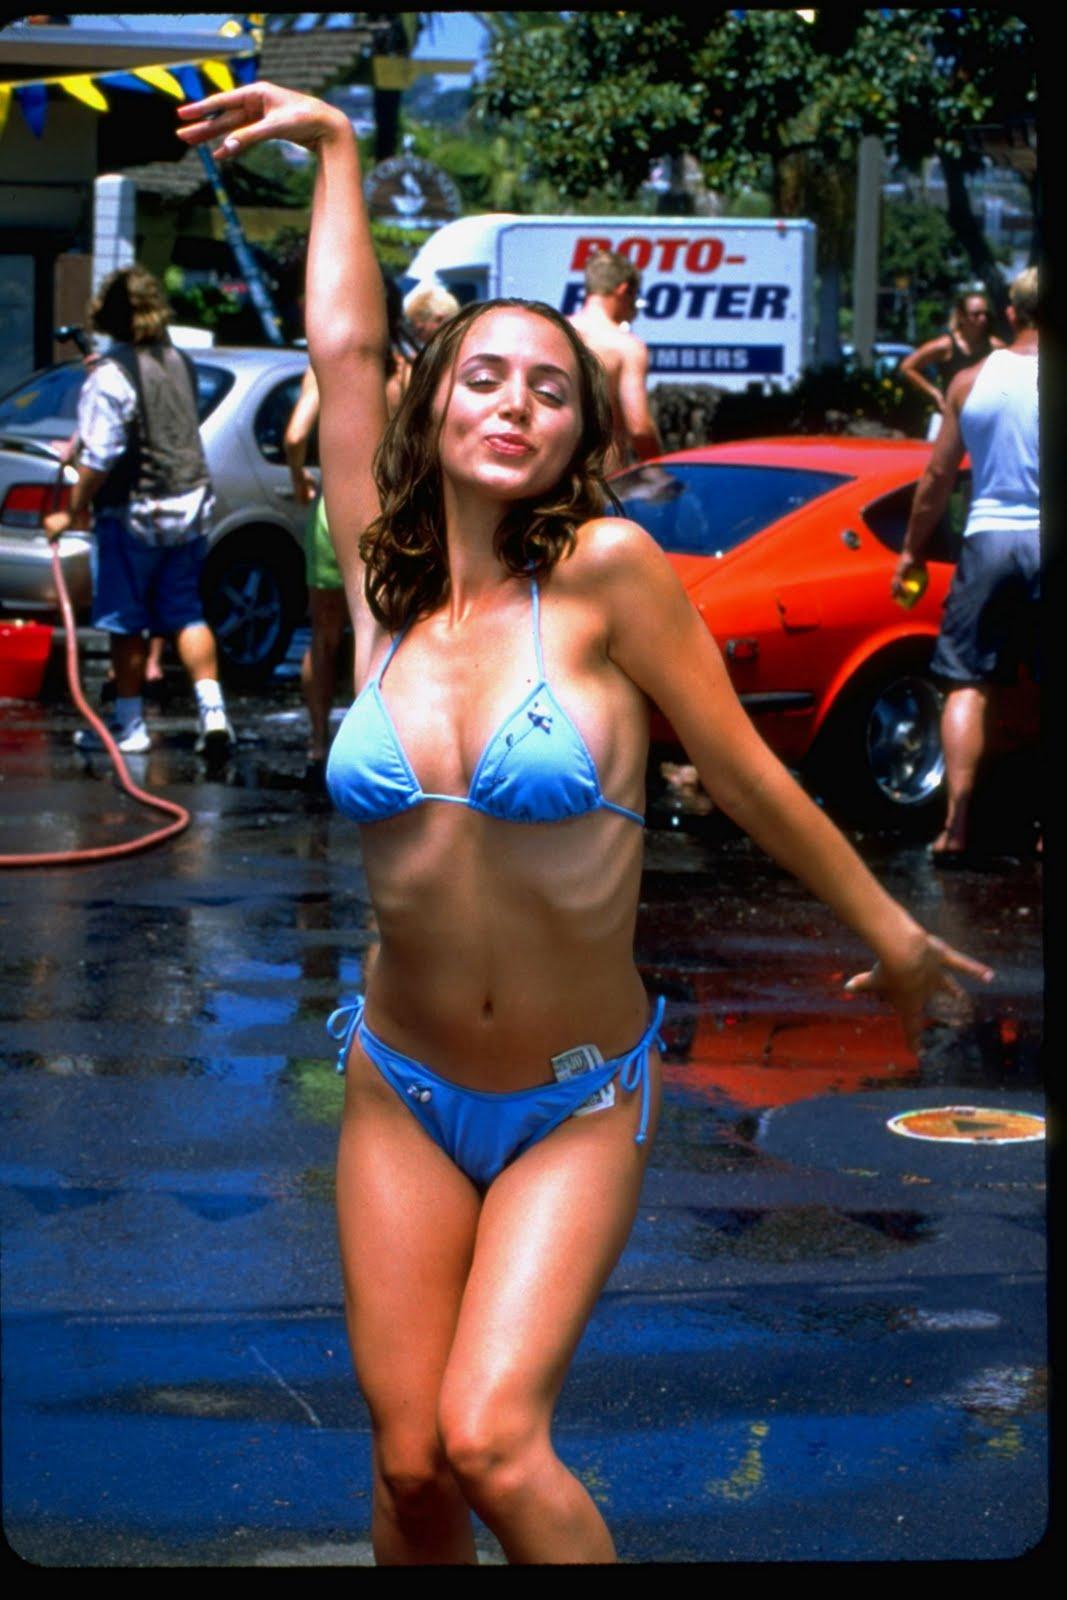 http://3.bp.blogspot.com/-0GJlu1bvRO4/TfWpxT4eNpI/AAAAAAAACic/WBFFTH2R3qY/s1600/Eliza+Dushku+bikini+%25281%2529.jpg